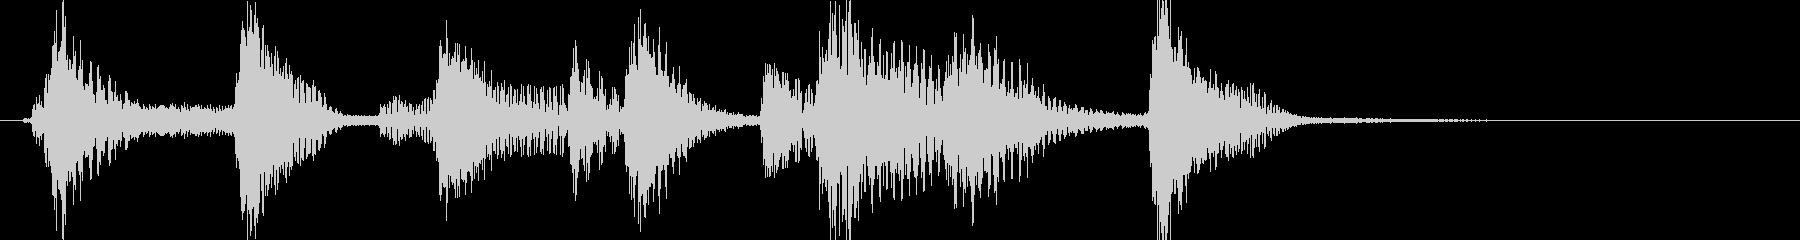 ピアノ、スキップの感じのんの未再生の波形